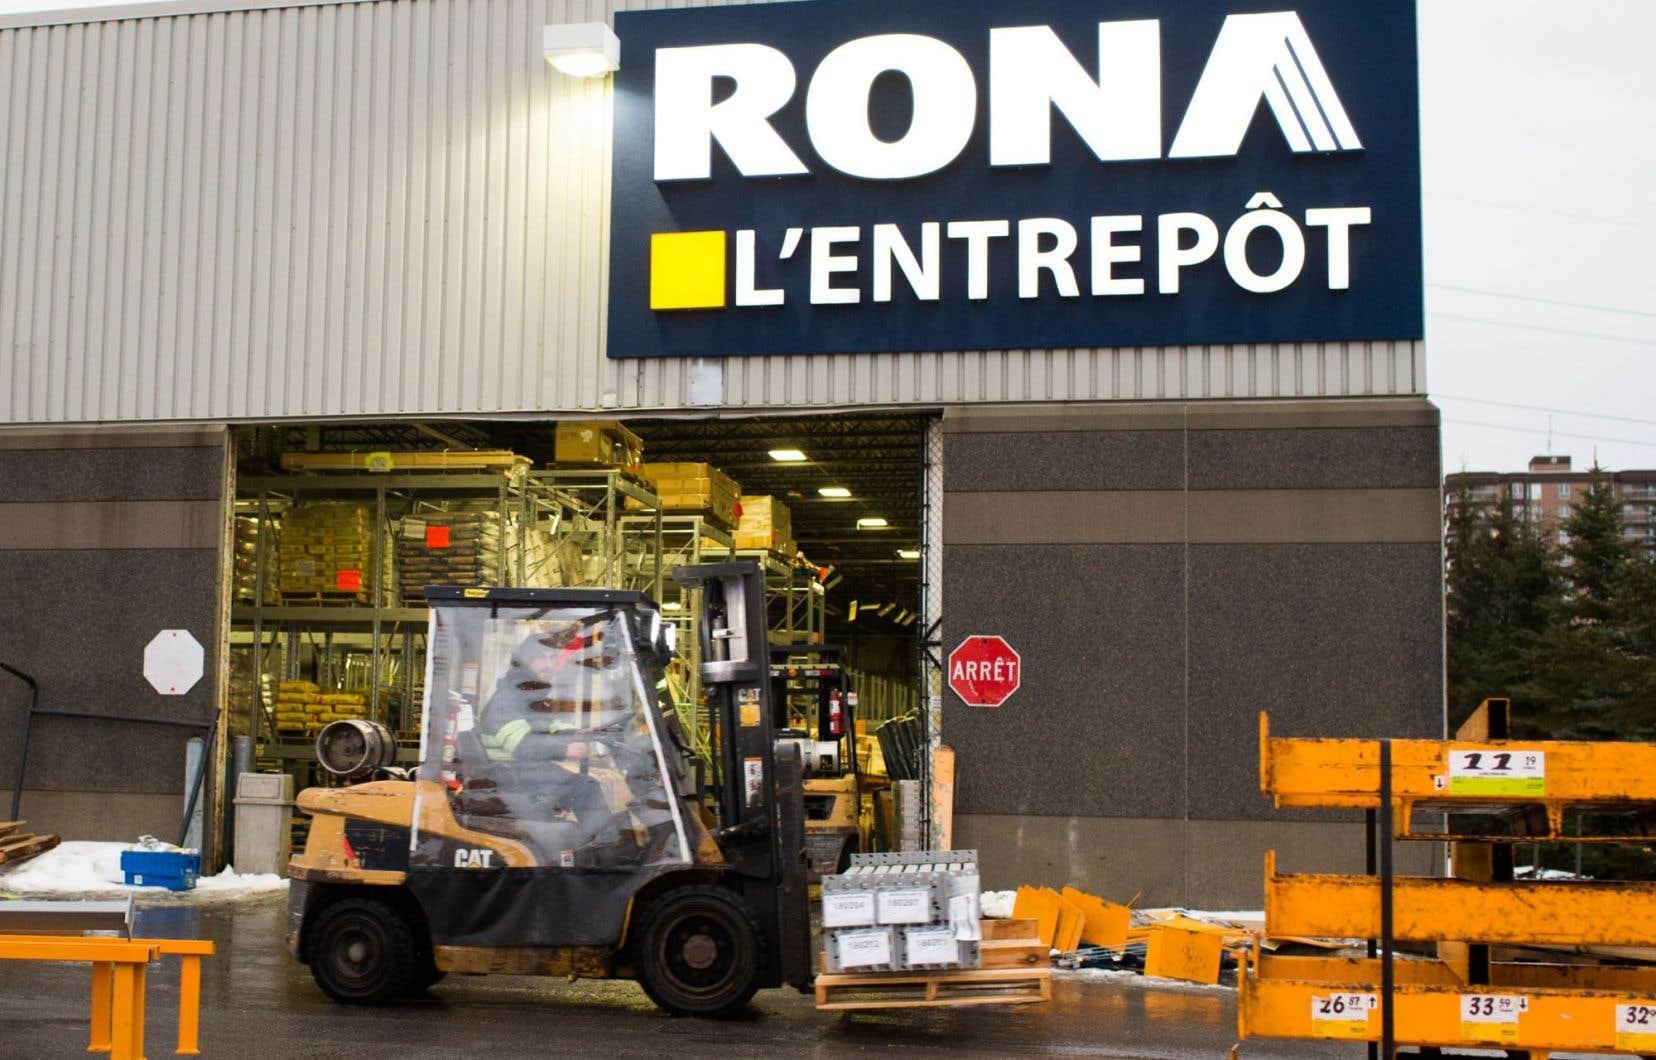 La vente de Rona à des intérêts étrangers est loin de faire l'unanimité, malgré les engagements pris par l'acquéreur.